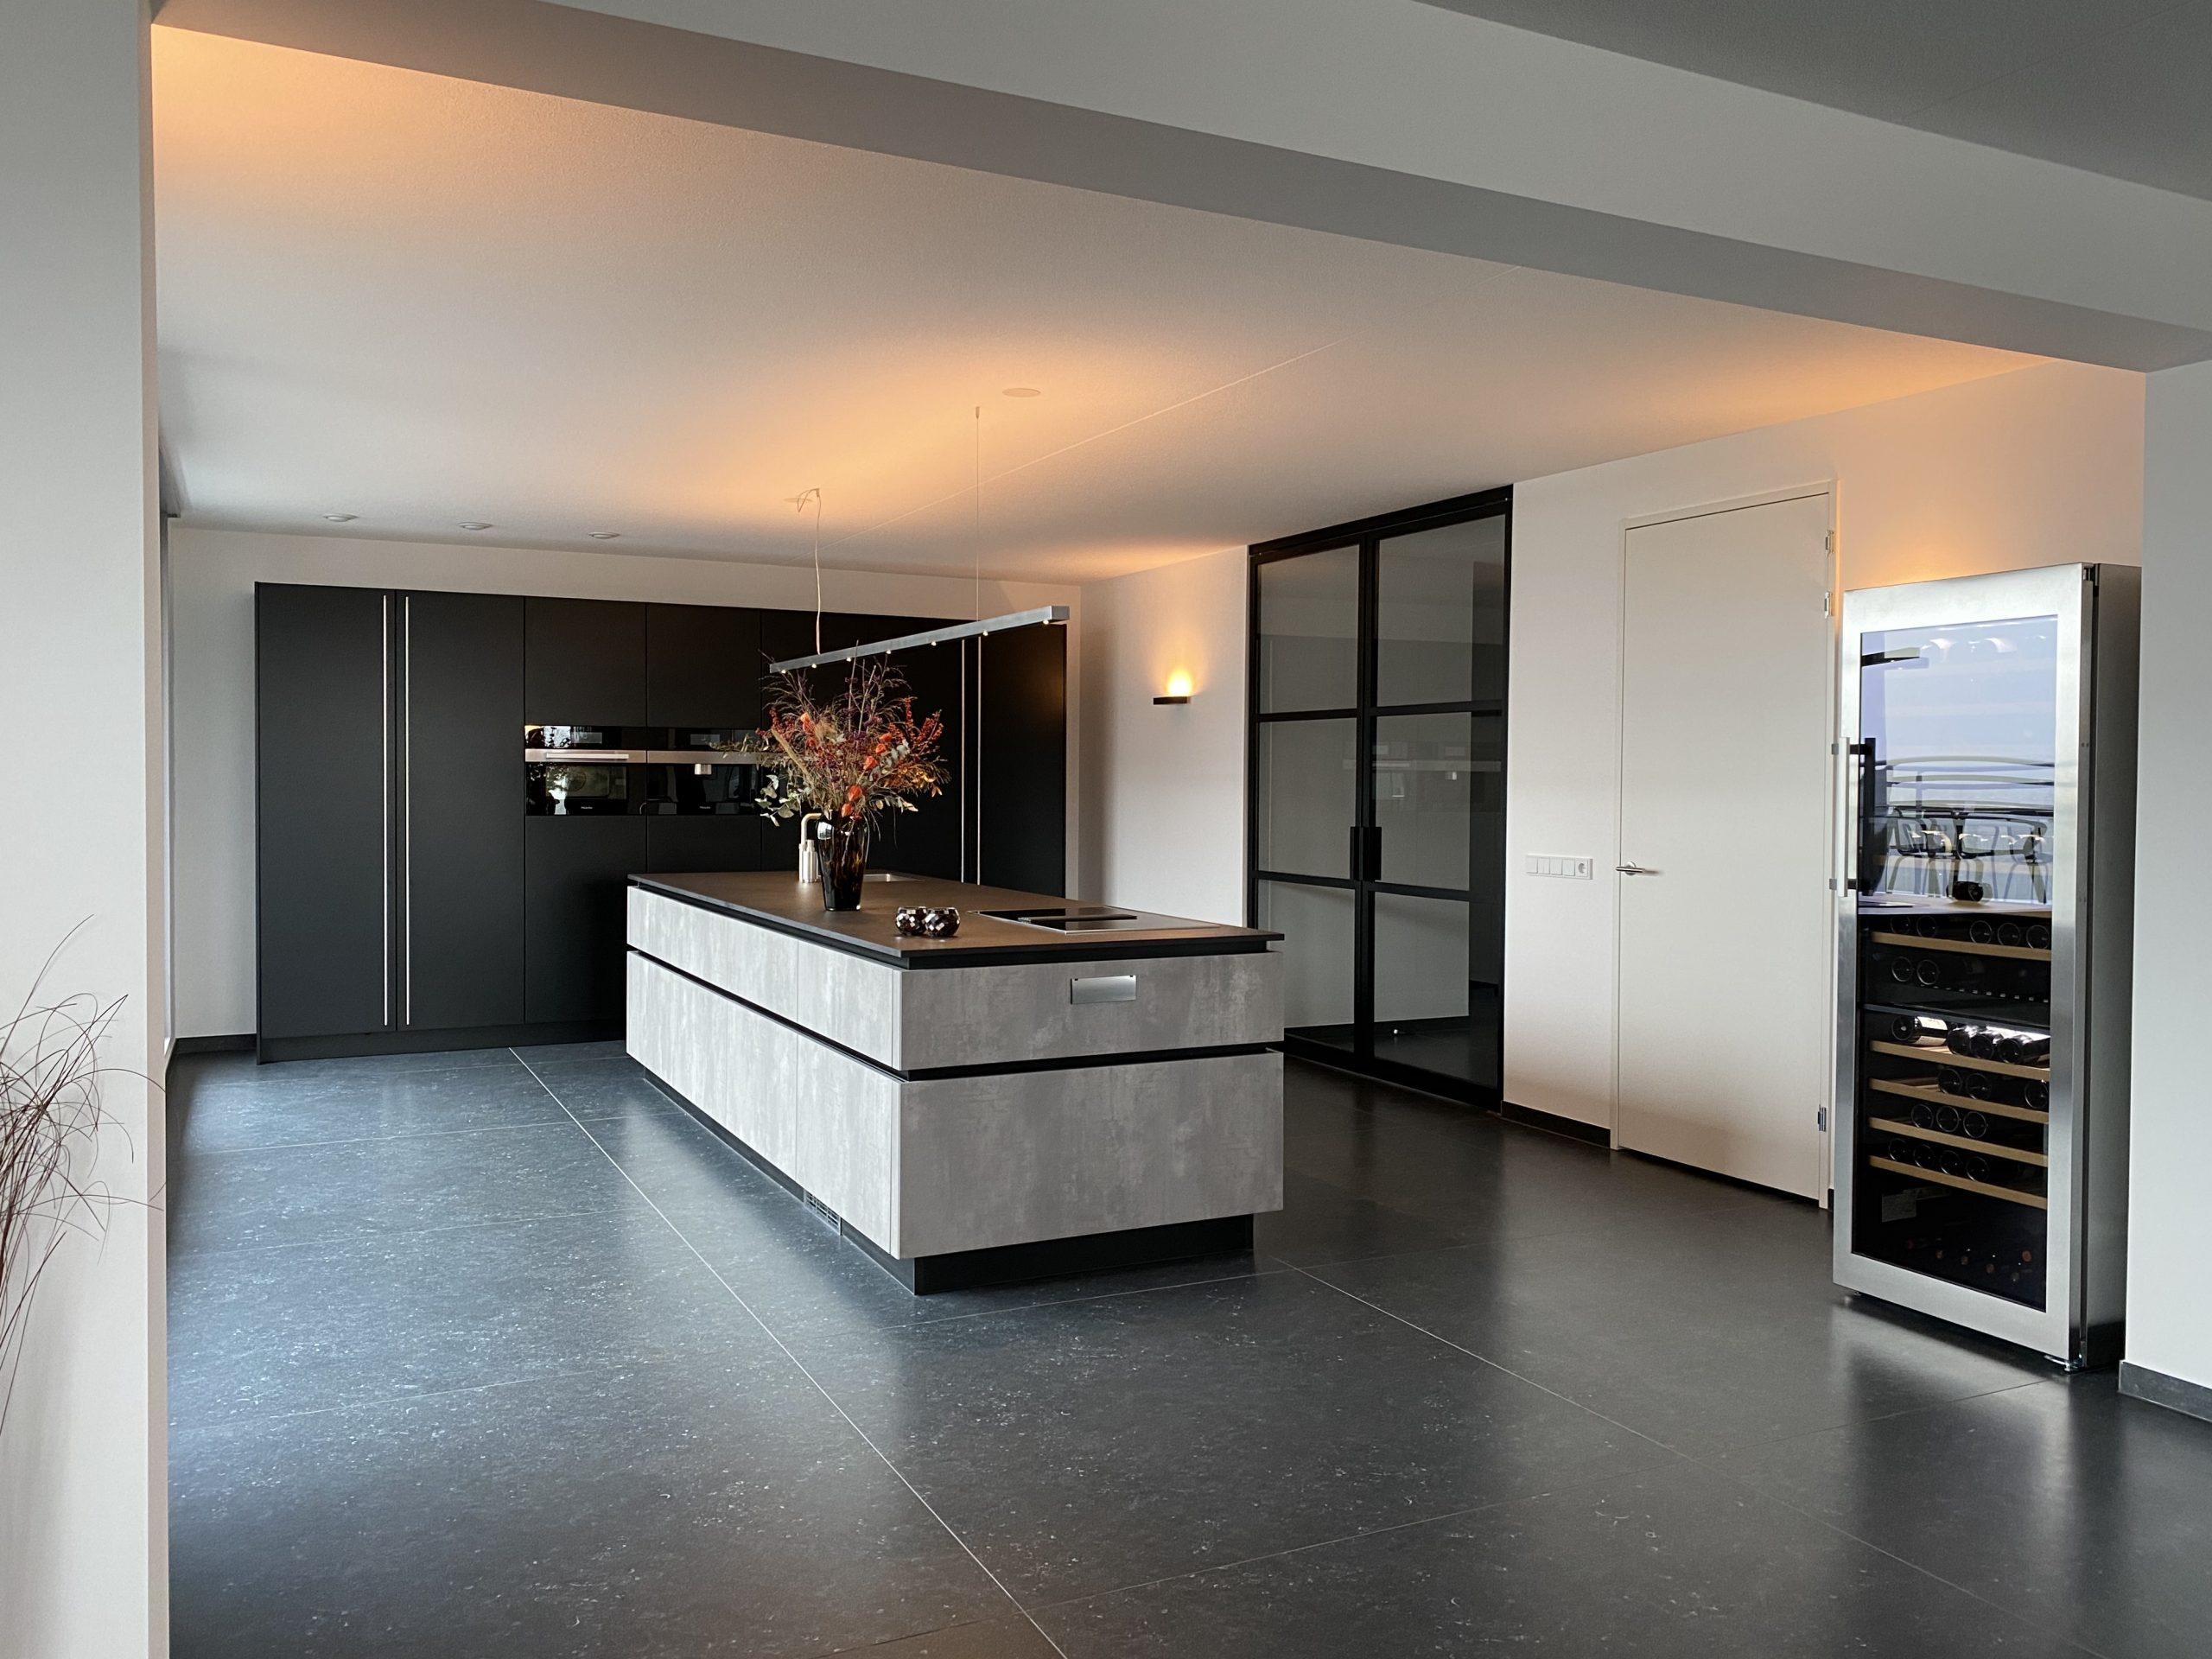 designkeuken met kookeiland en wijnkast